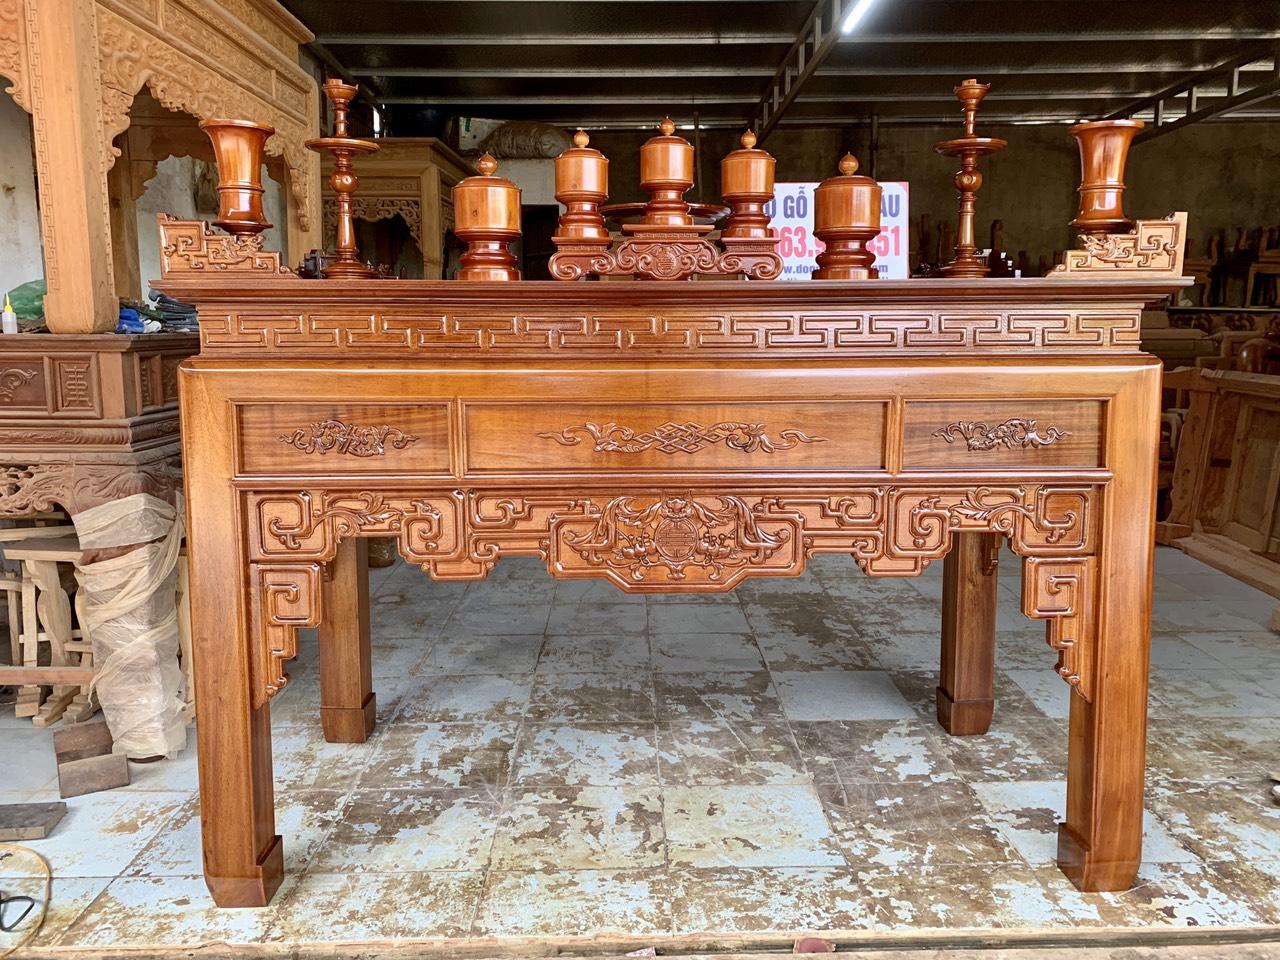 ban tho go gu dep - Bàn thờ gỗ gụ đẹp chuẩn giá tốt tại Hà Nội